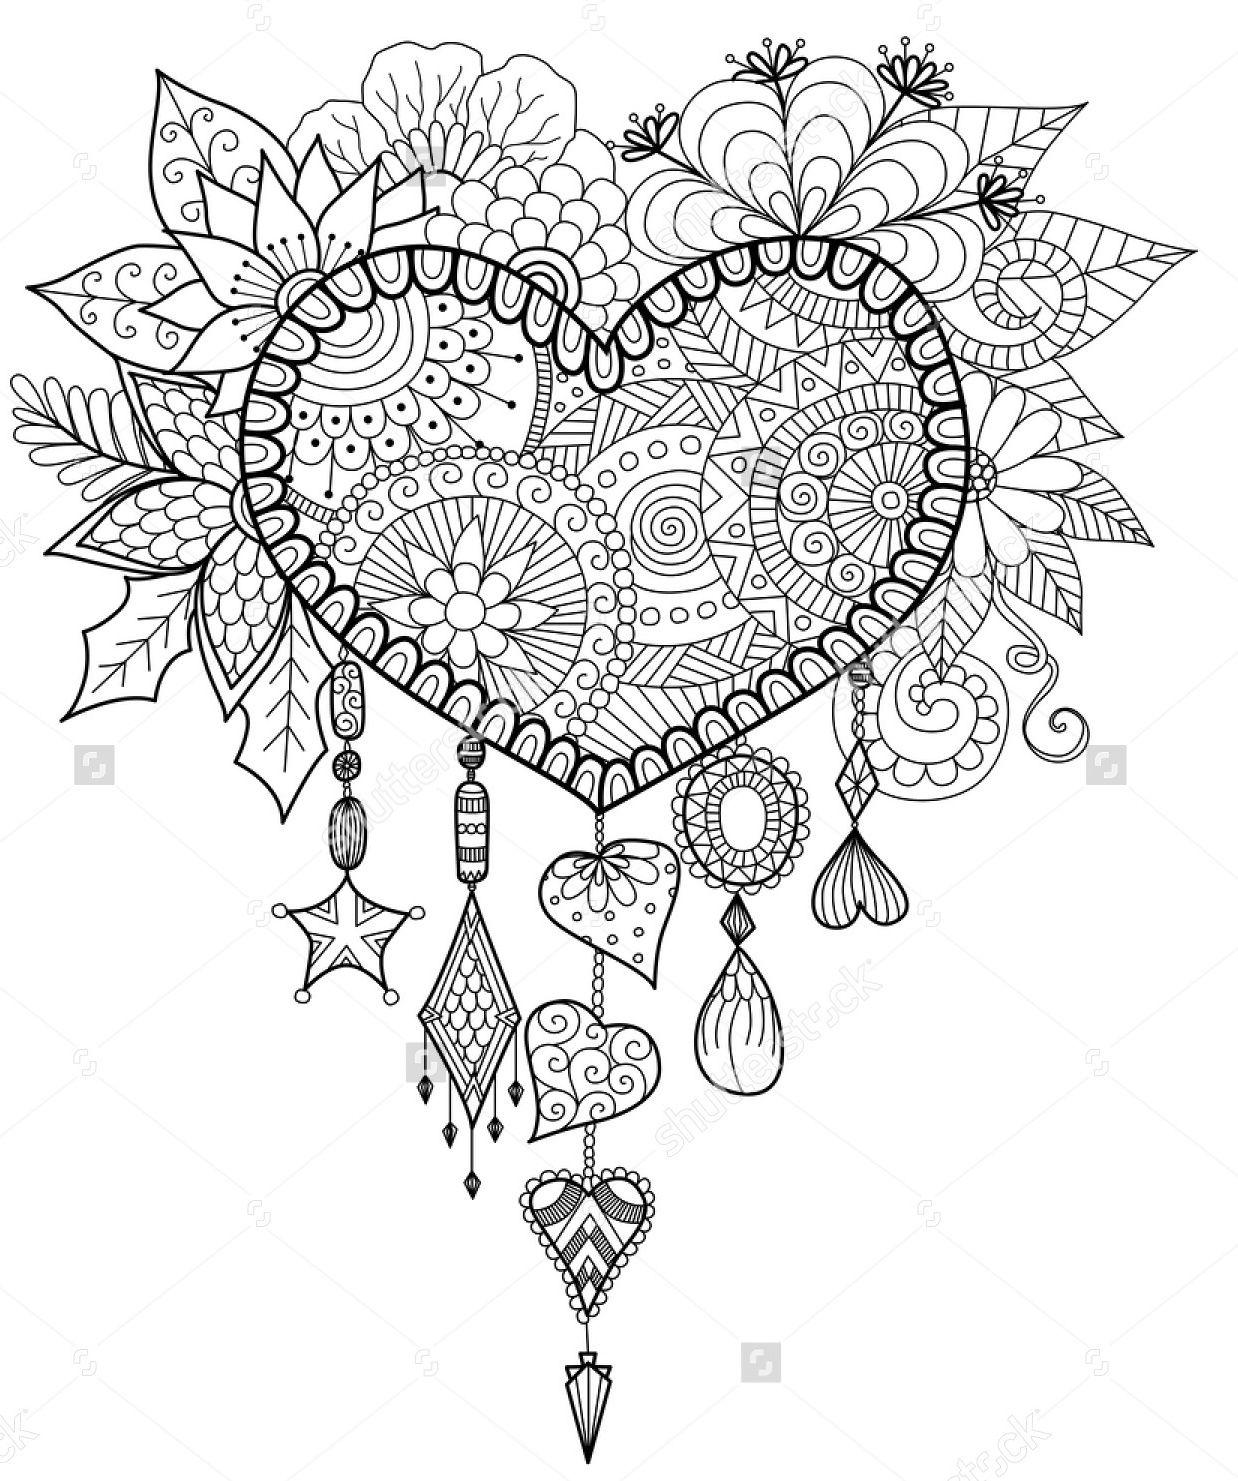 1238x1481 Heart Shaped Floral Dreamcatcher Shutterstock Dreamcatcher